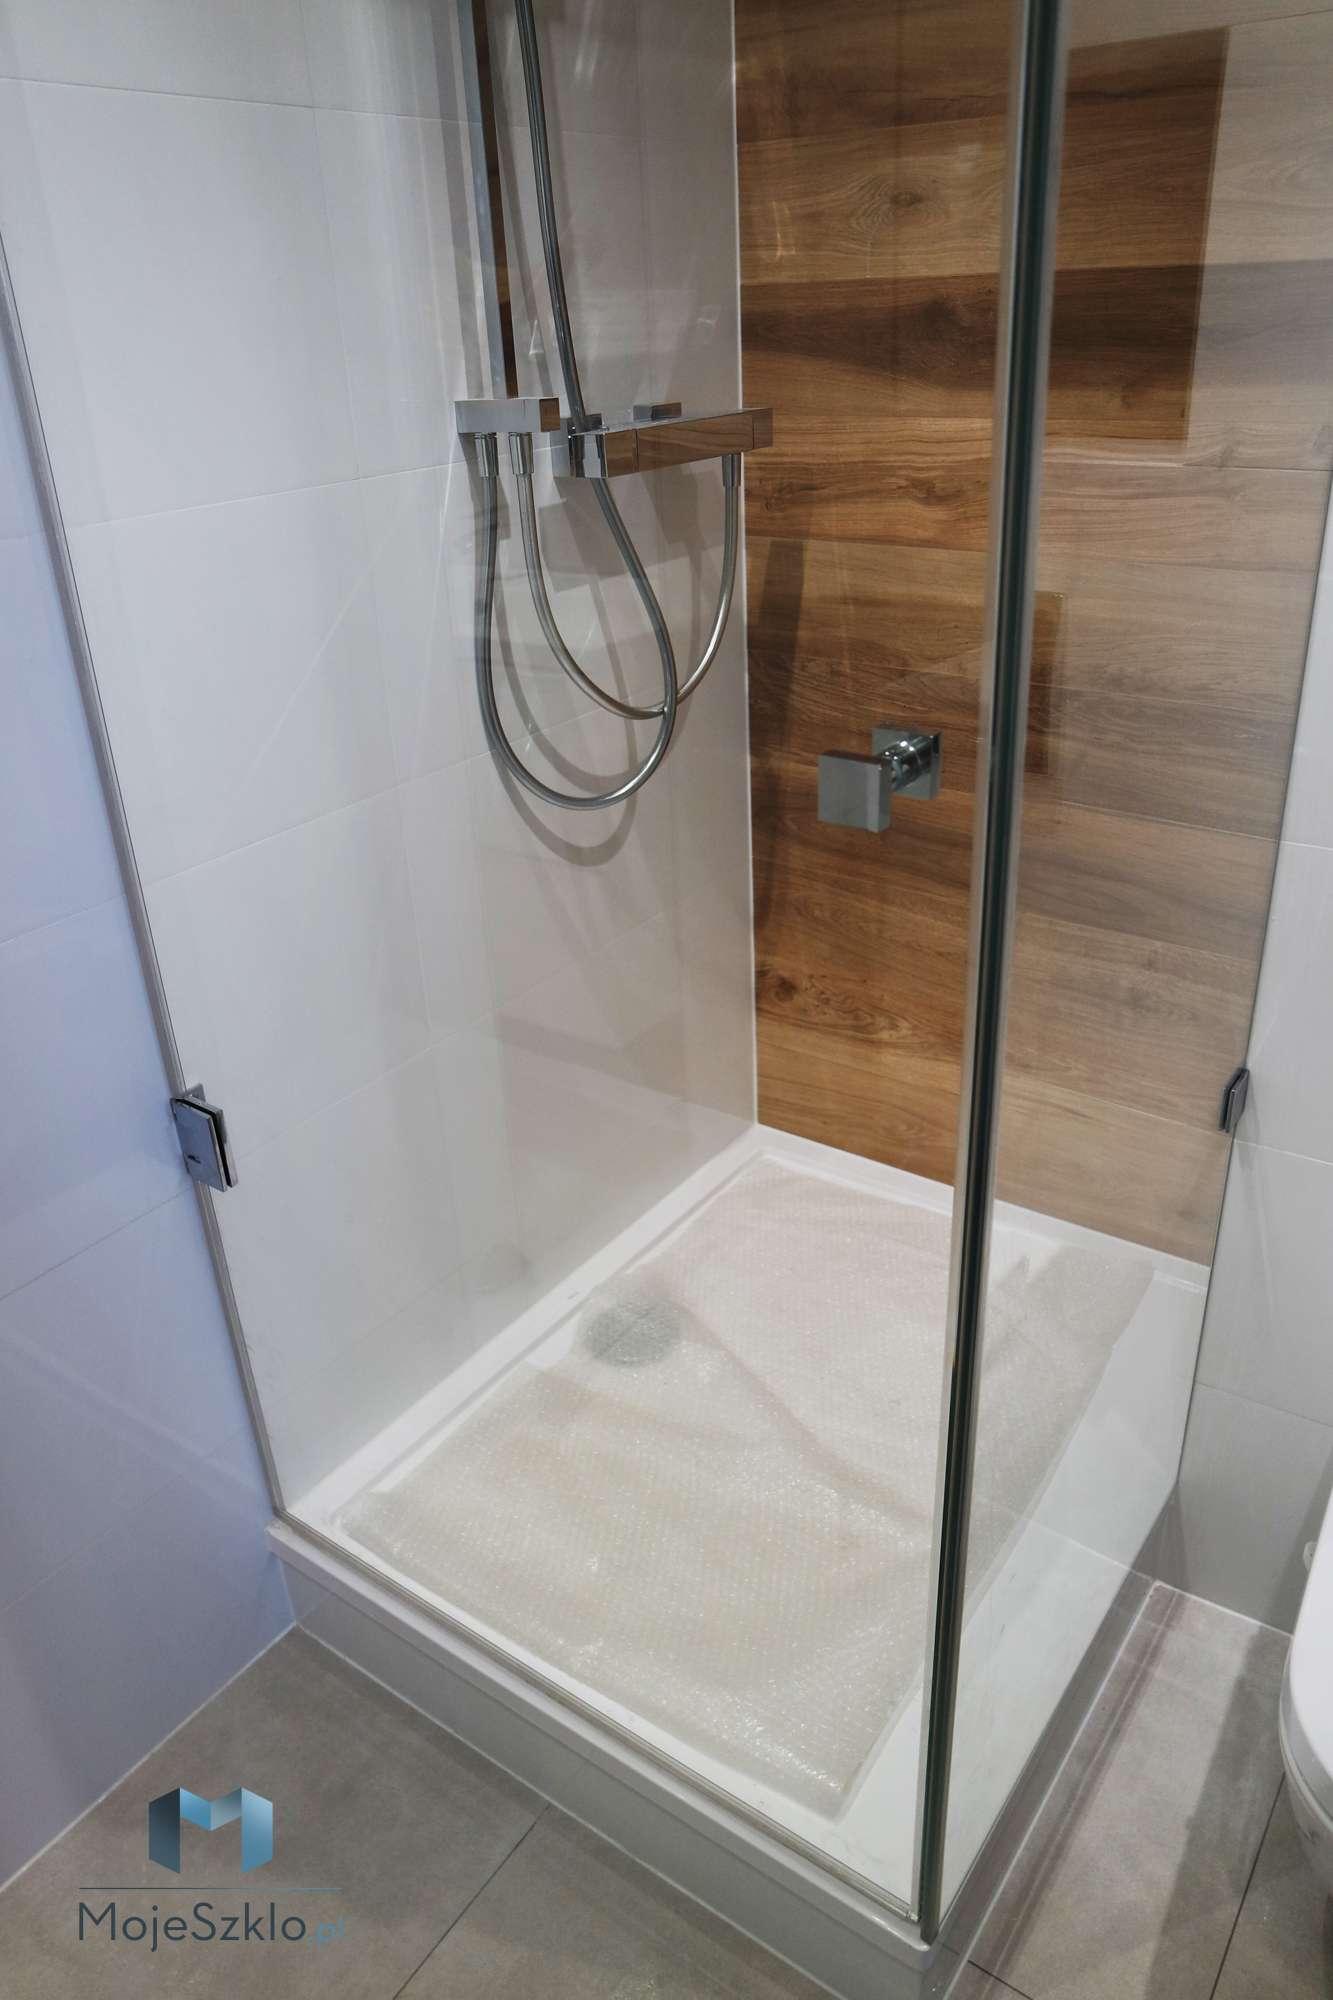 Kabina Prysznicowa Dwuelementowa Z Brodzikiem - Kabina prysznicowa narożna na wymiar